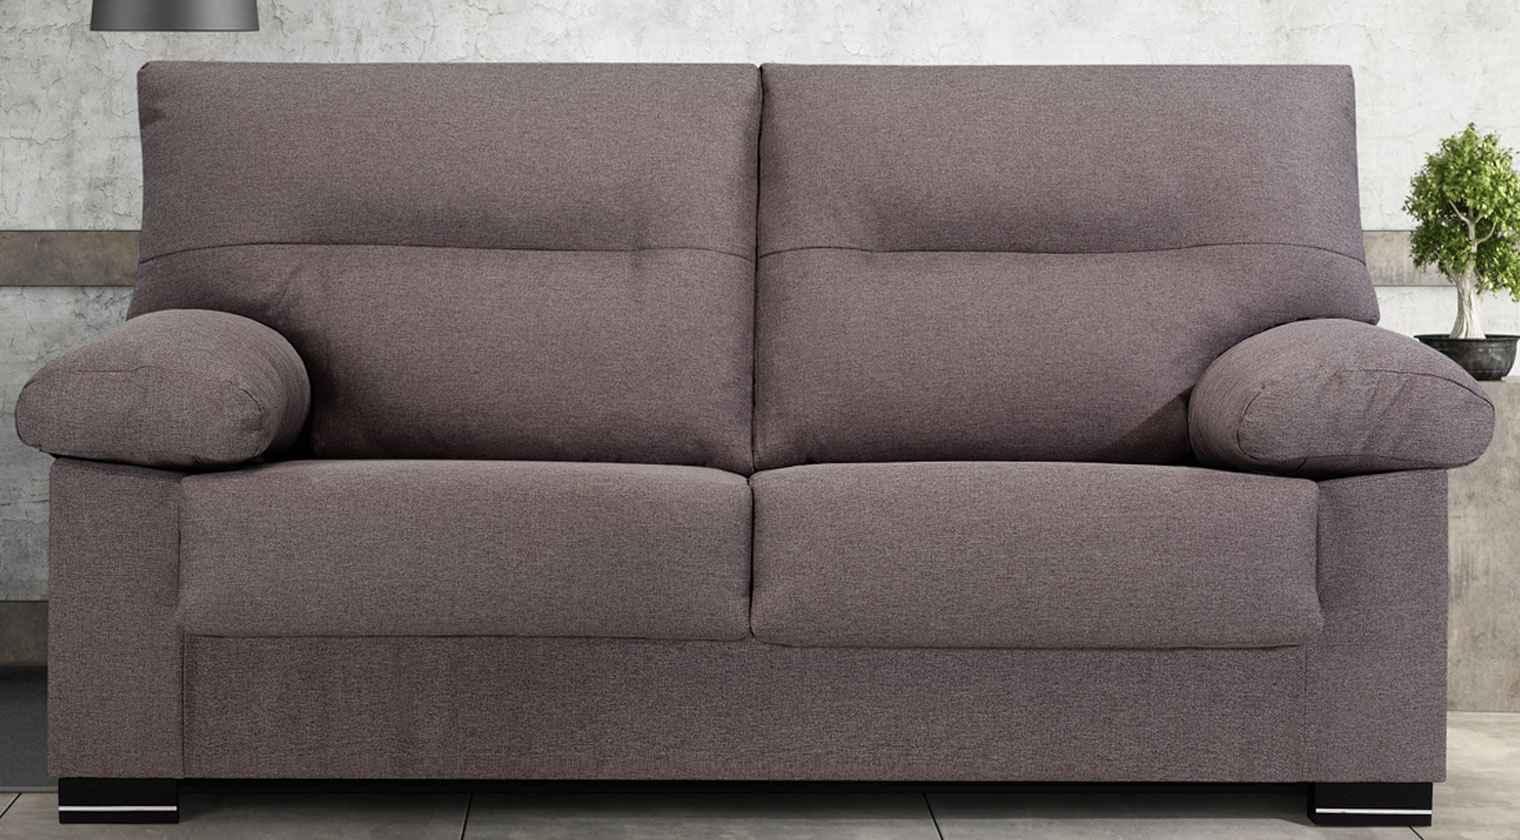 Comprar sof tela hera sofa 2 plazas junio for Sofas baratos asturias